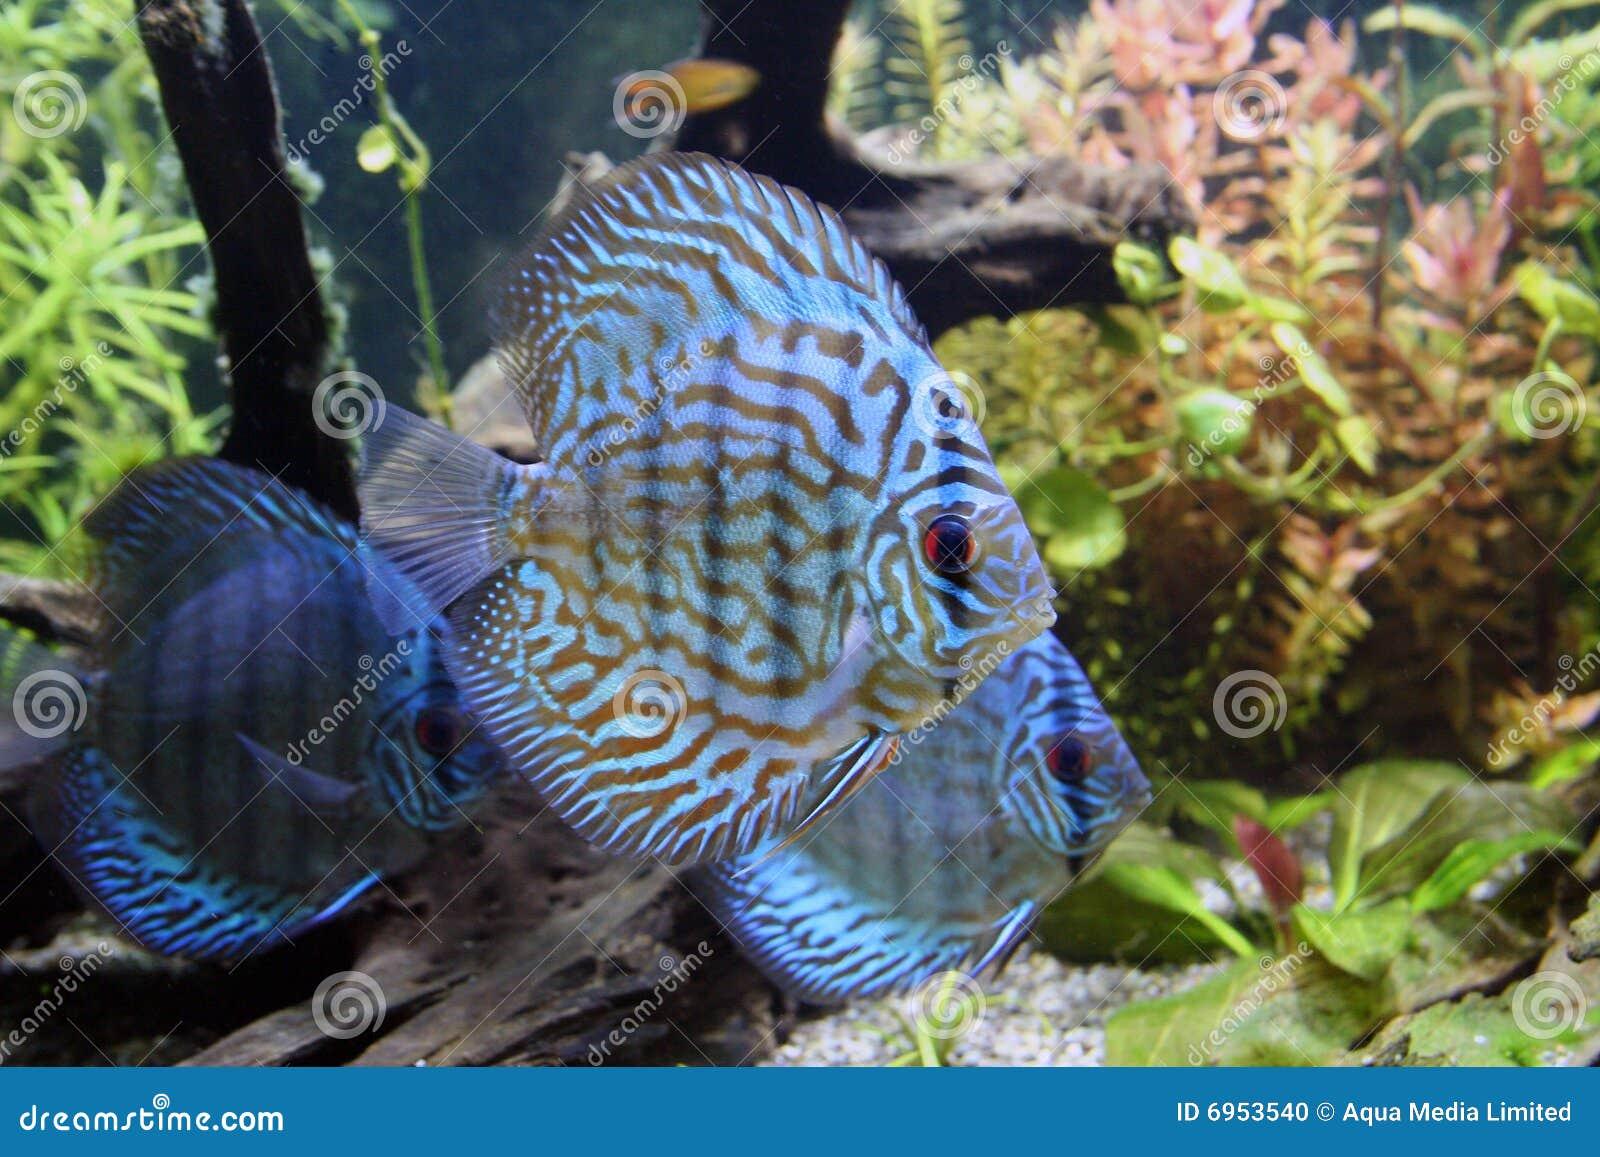 https://thumbs.dreamstime.com/z/de-blauwe-vissen-van-het-aquarium-van-de-discus-6953540.jpg